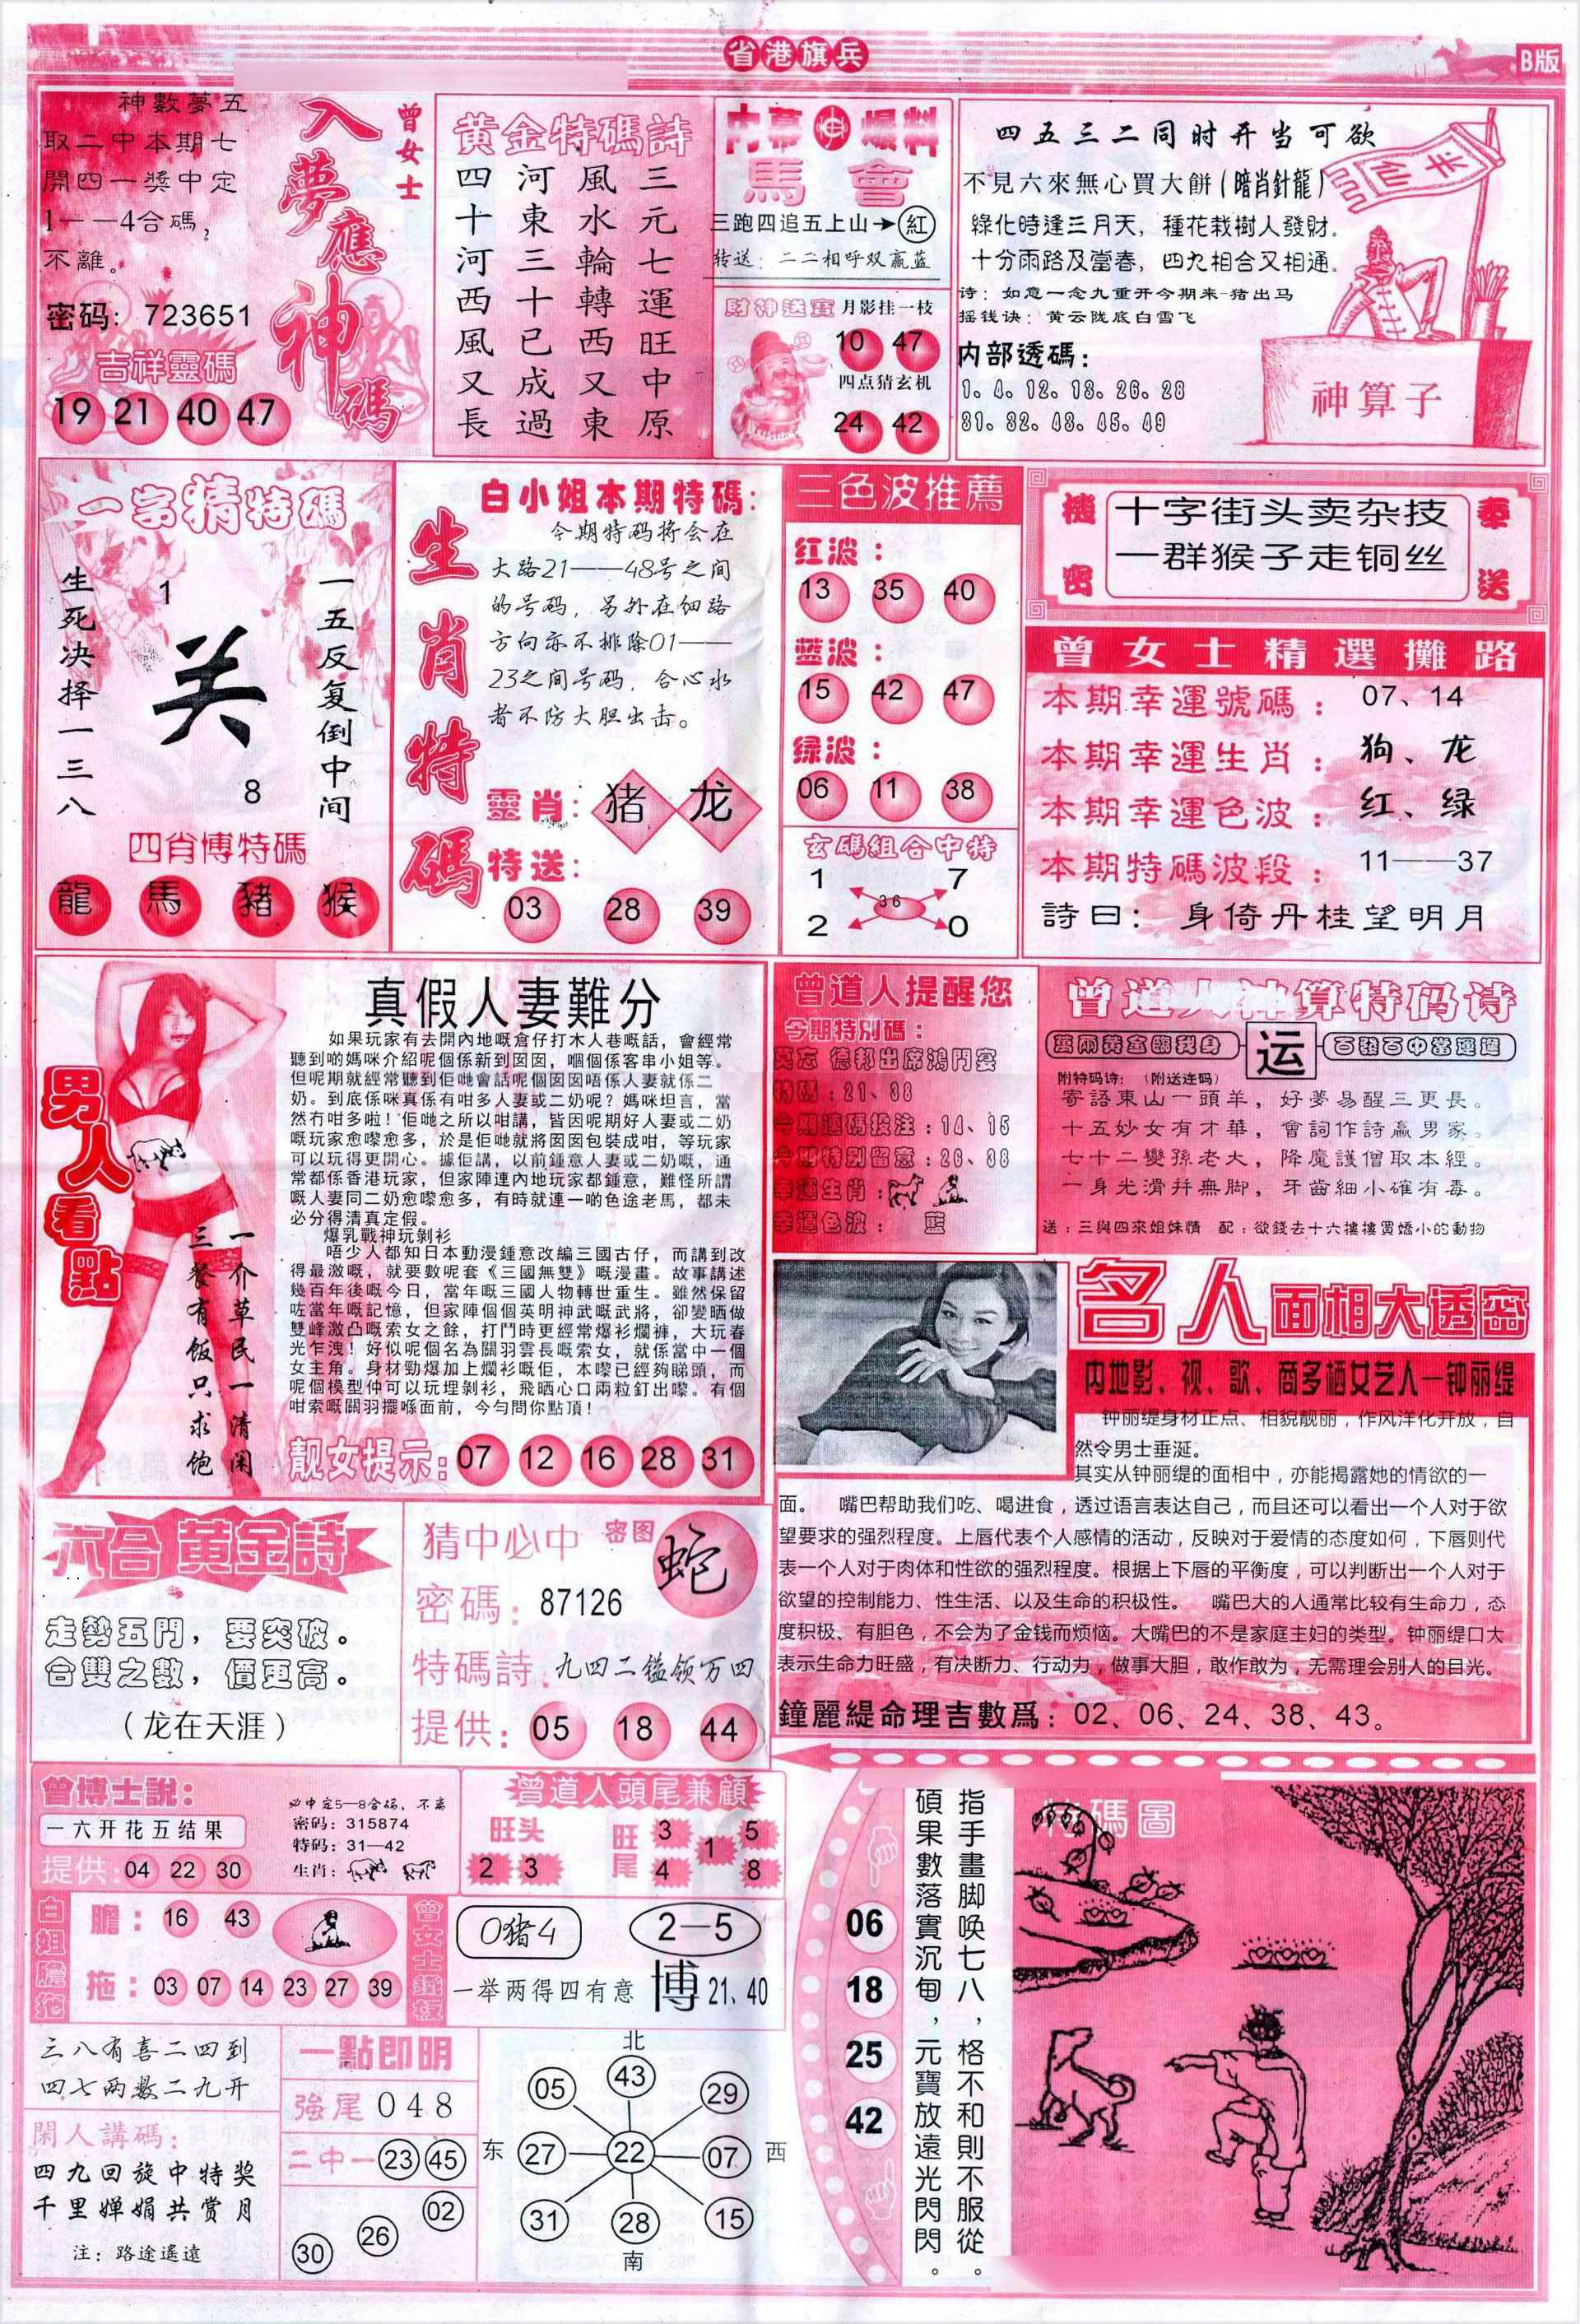 065期彩道B(保证香港版)